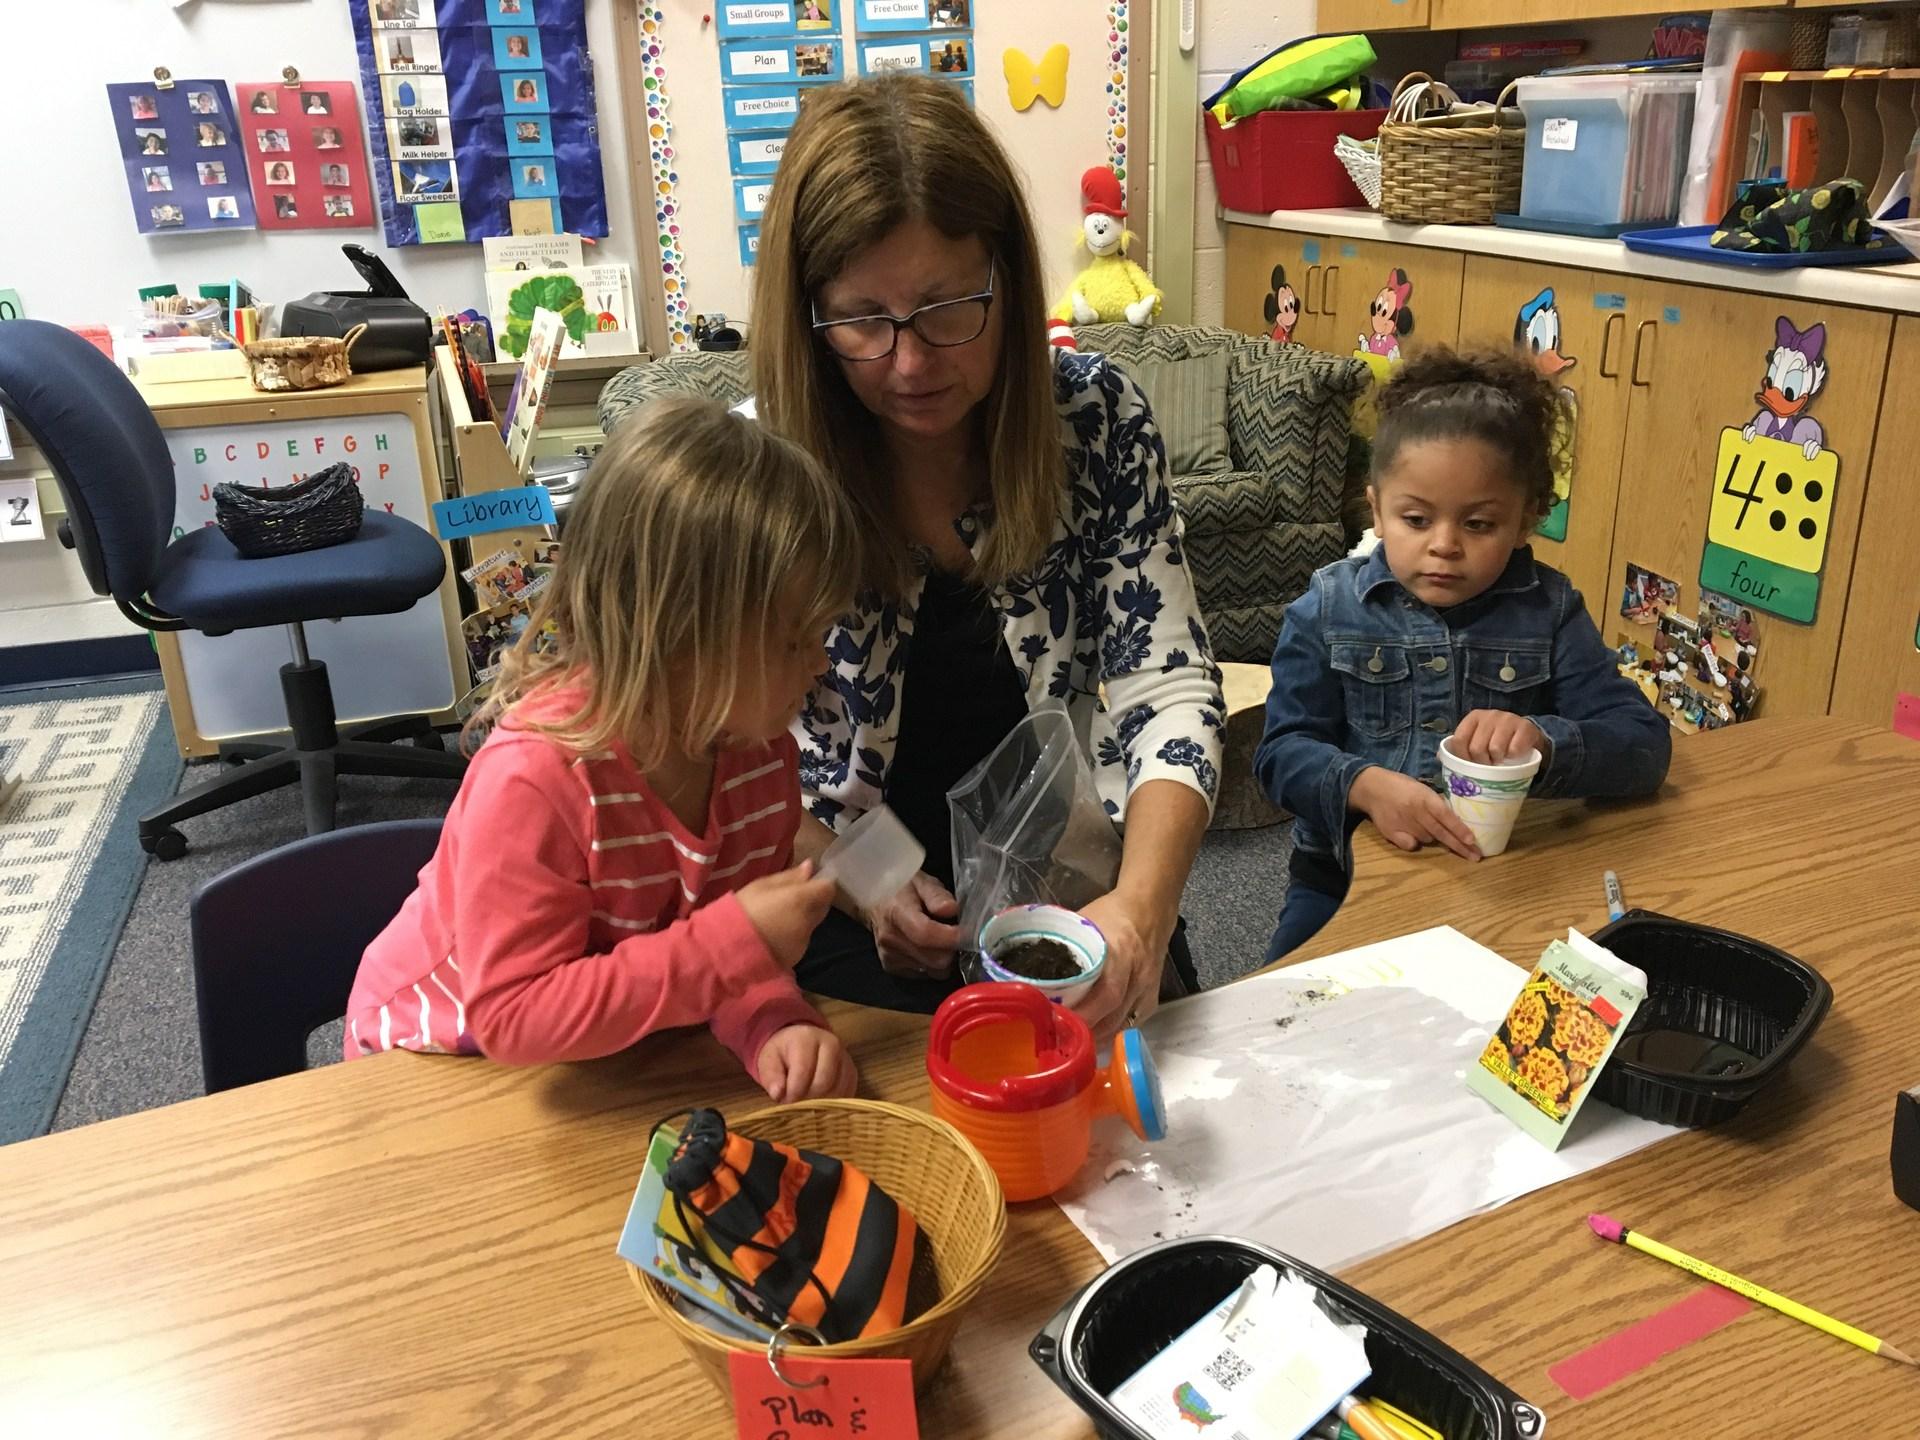 Preschooler planting seeds